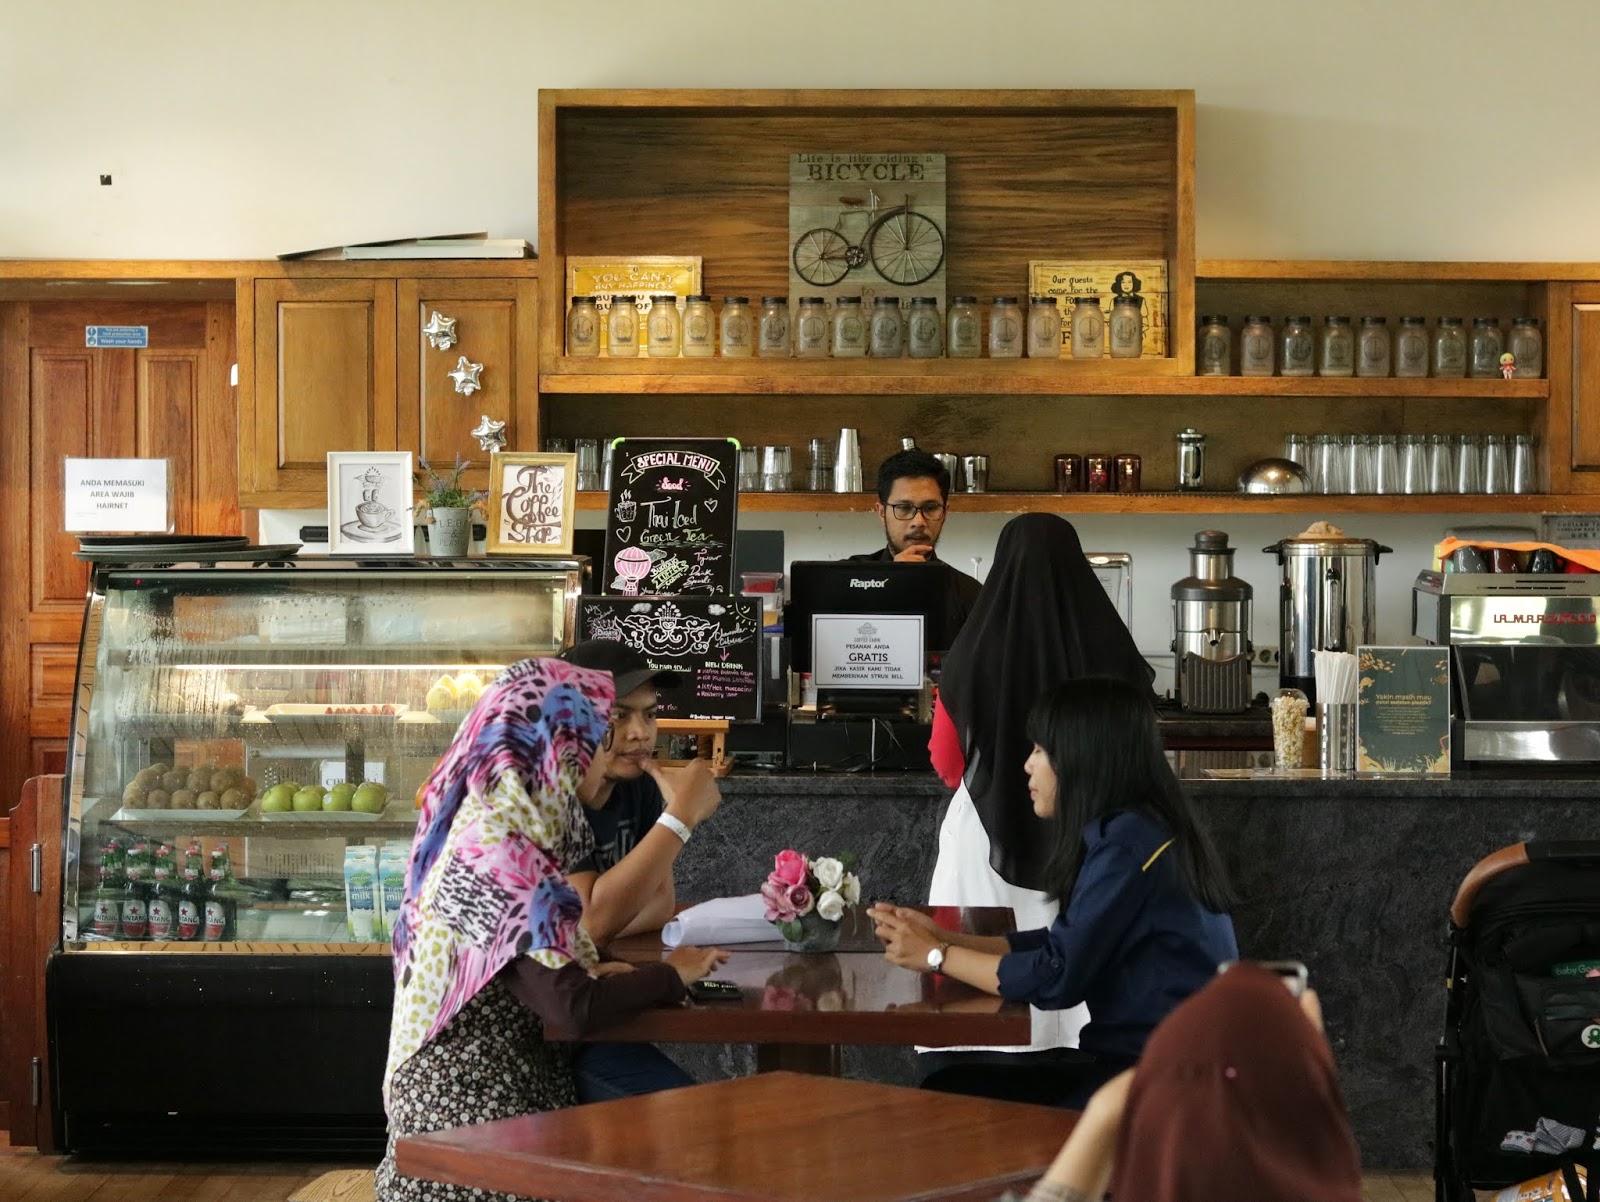 meja kasir coffecabin budayaland